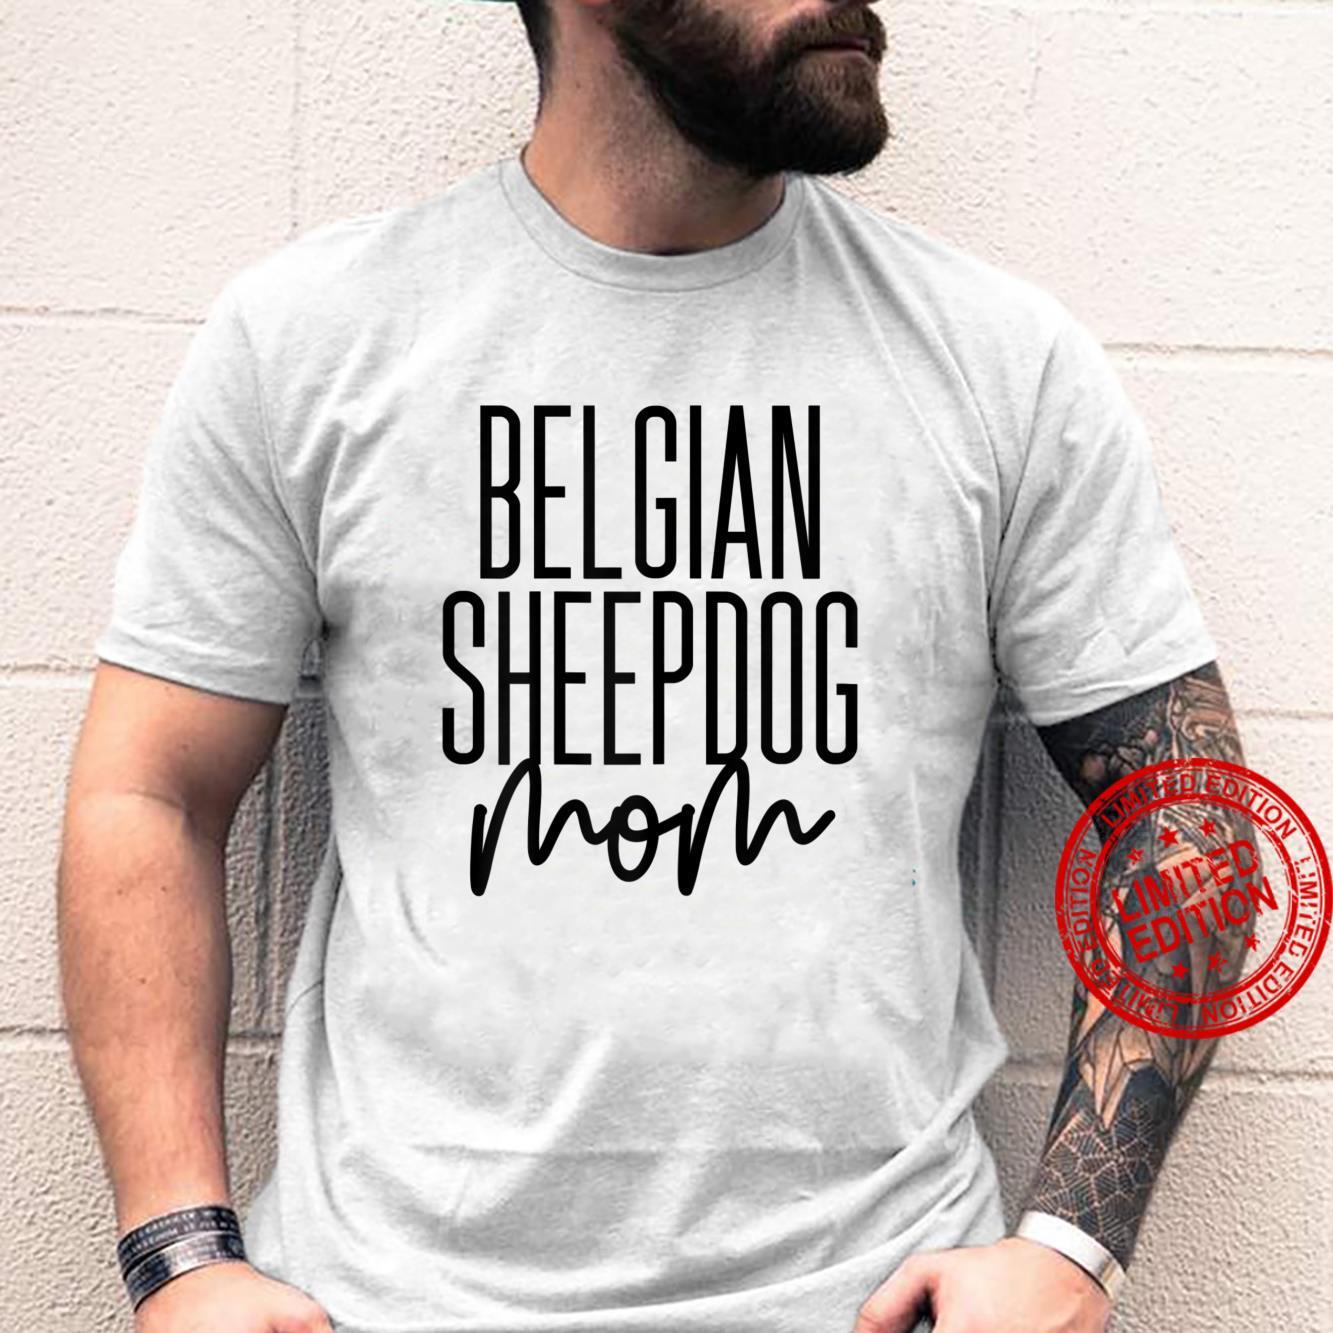 Womens Belgian Sheepdog Mom Dog Belgian Sheepdog Shirt